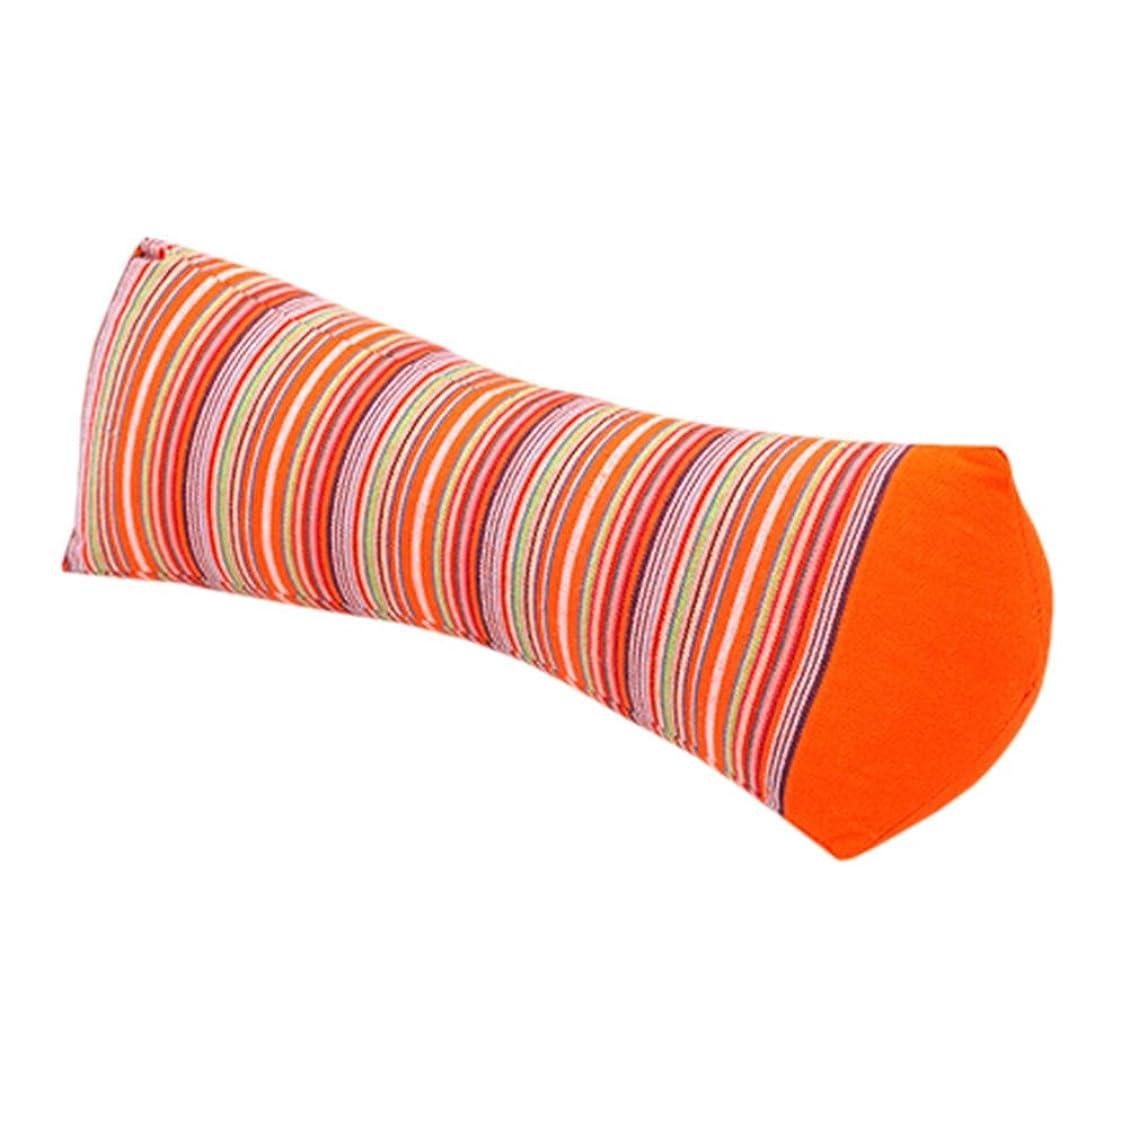 ニックネームアトミック健全健康頚部ピロー睡眠改善ピロー快適ネックロール枕NO.03